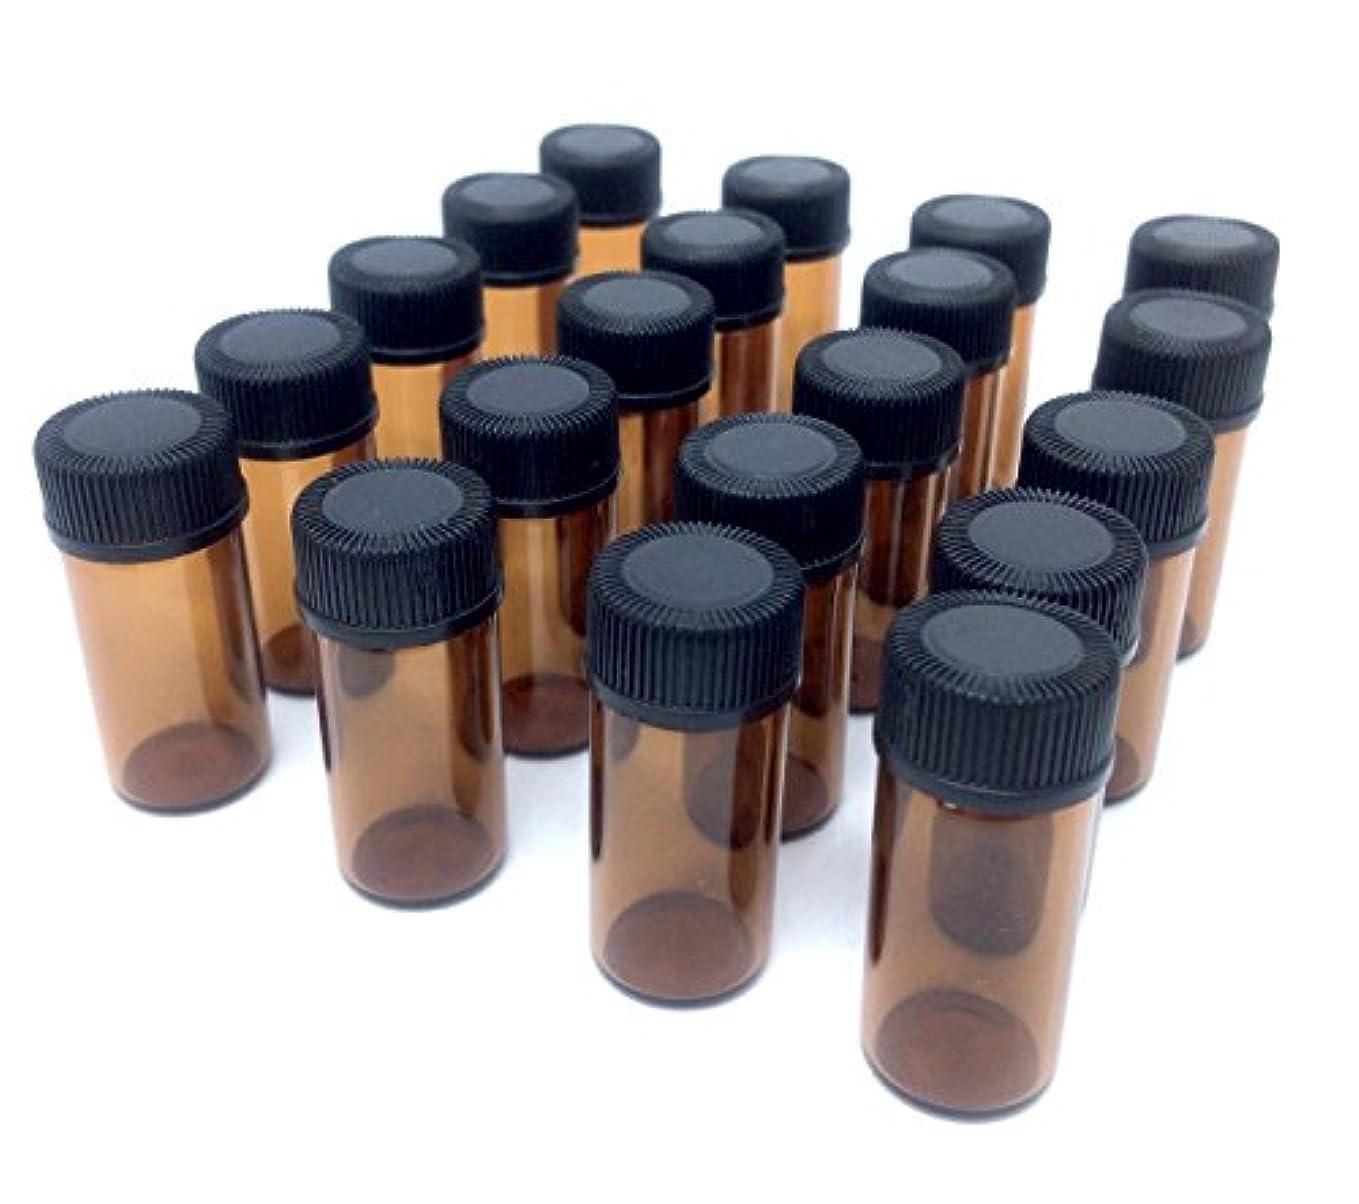 喉頭経営者その結果アロマオイル 遮光瓶 精油 小分け用 ガラス製 保存容器 20本 セット (3ml)